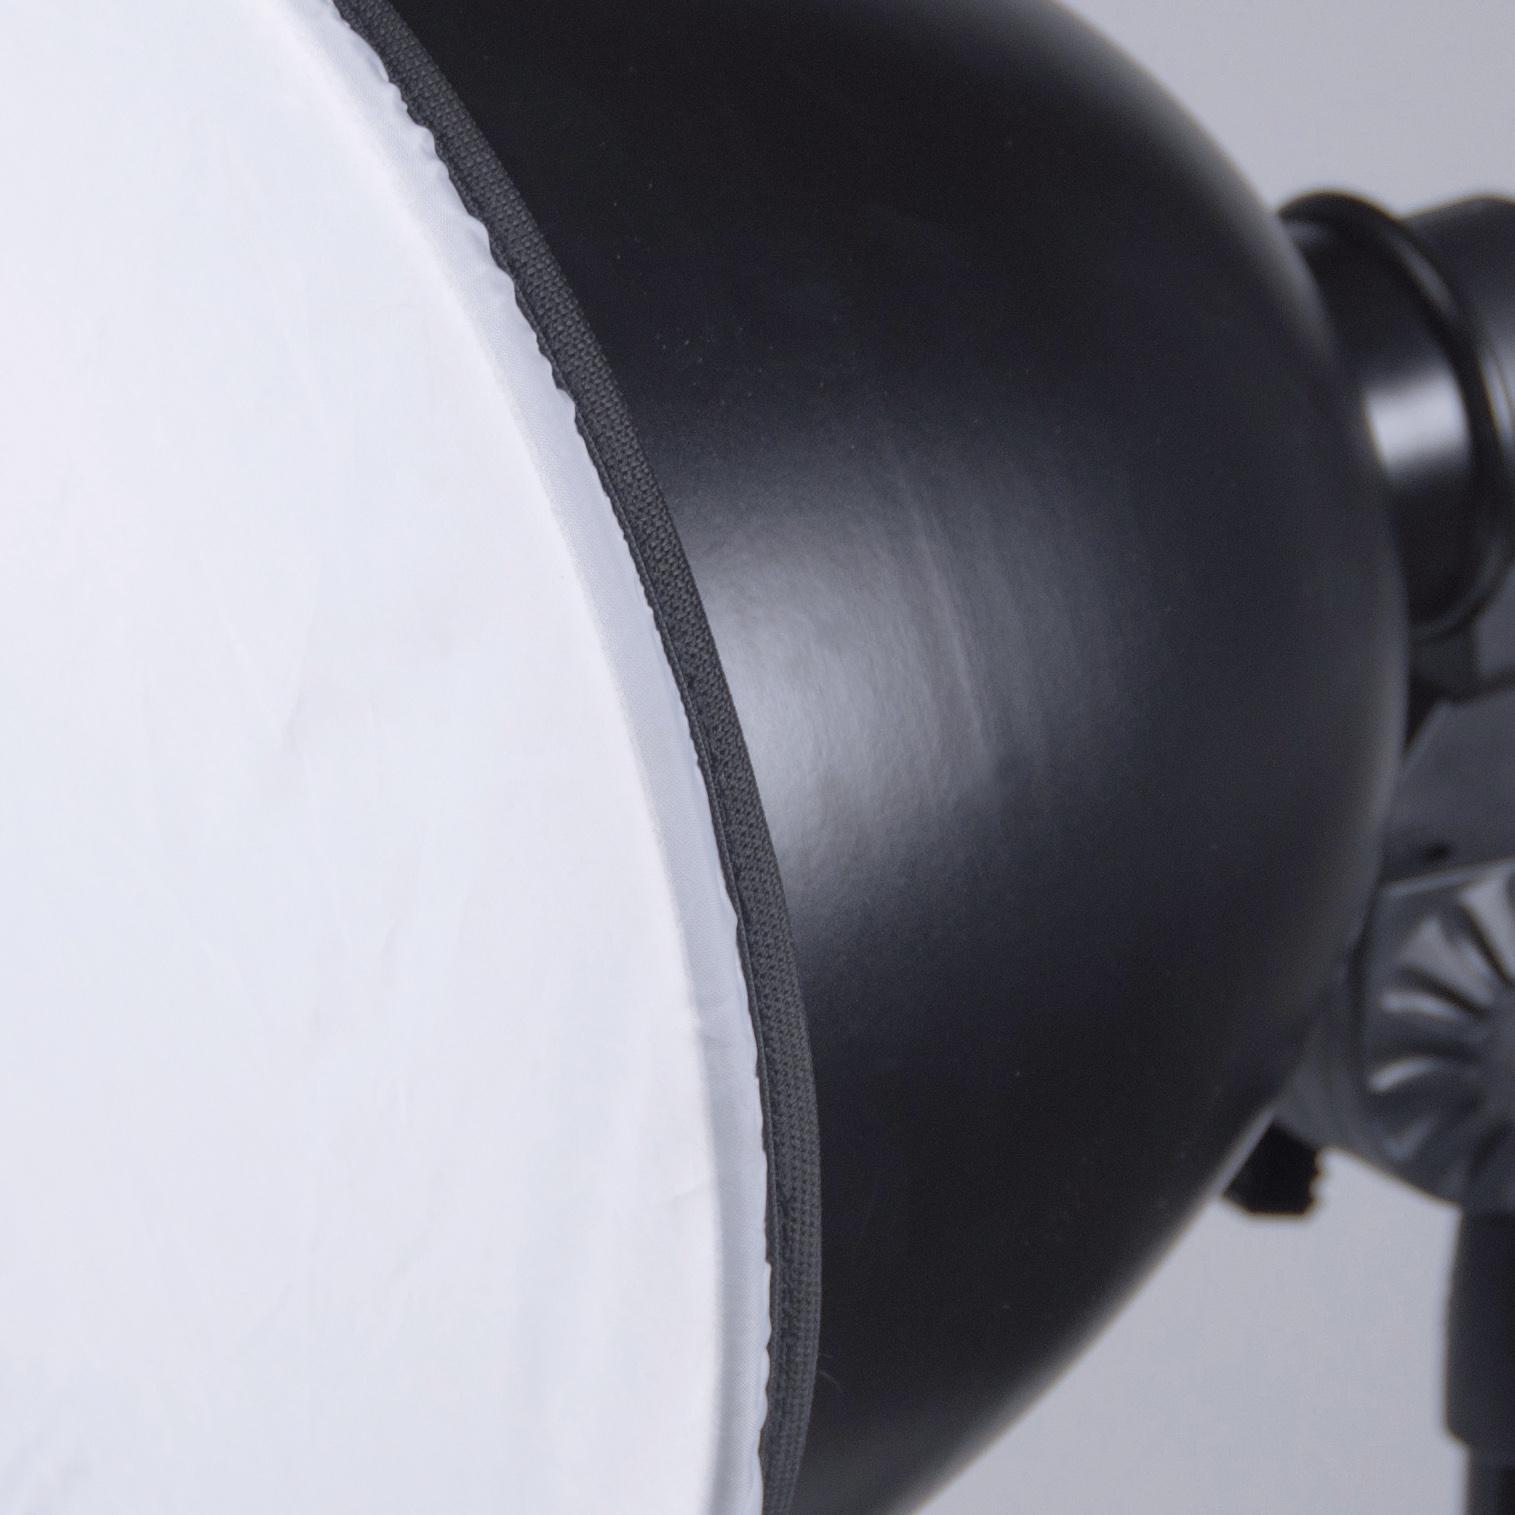 KAISER Aufnahmeset easy-fit, Aufnahmetisch mit Desktop-Beleuchtungseinrichtung